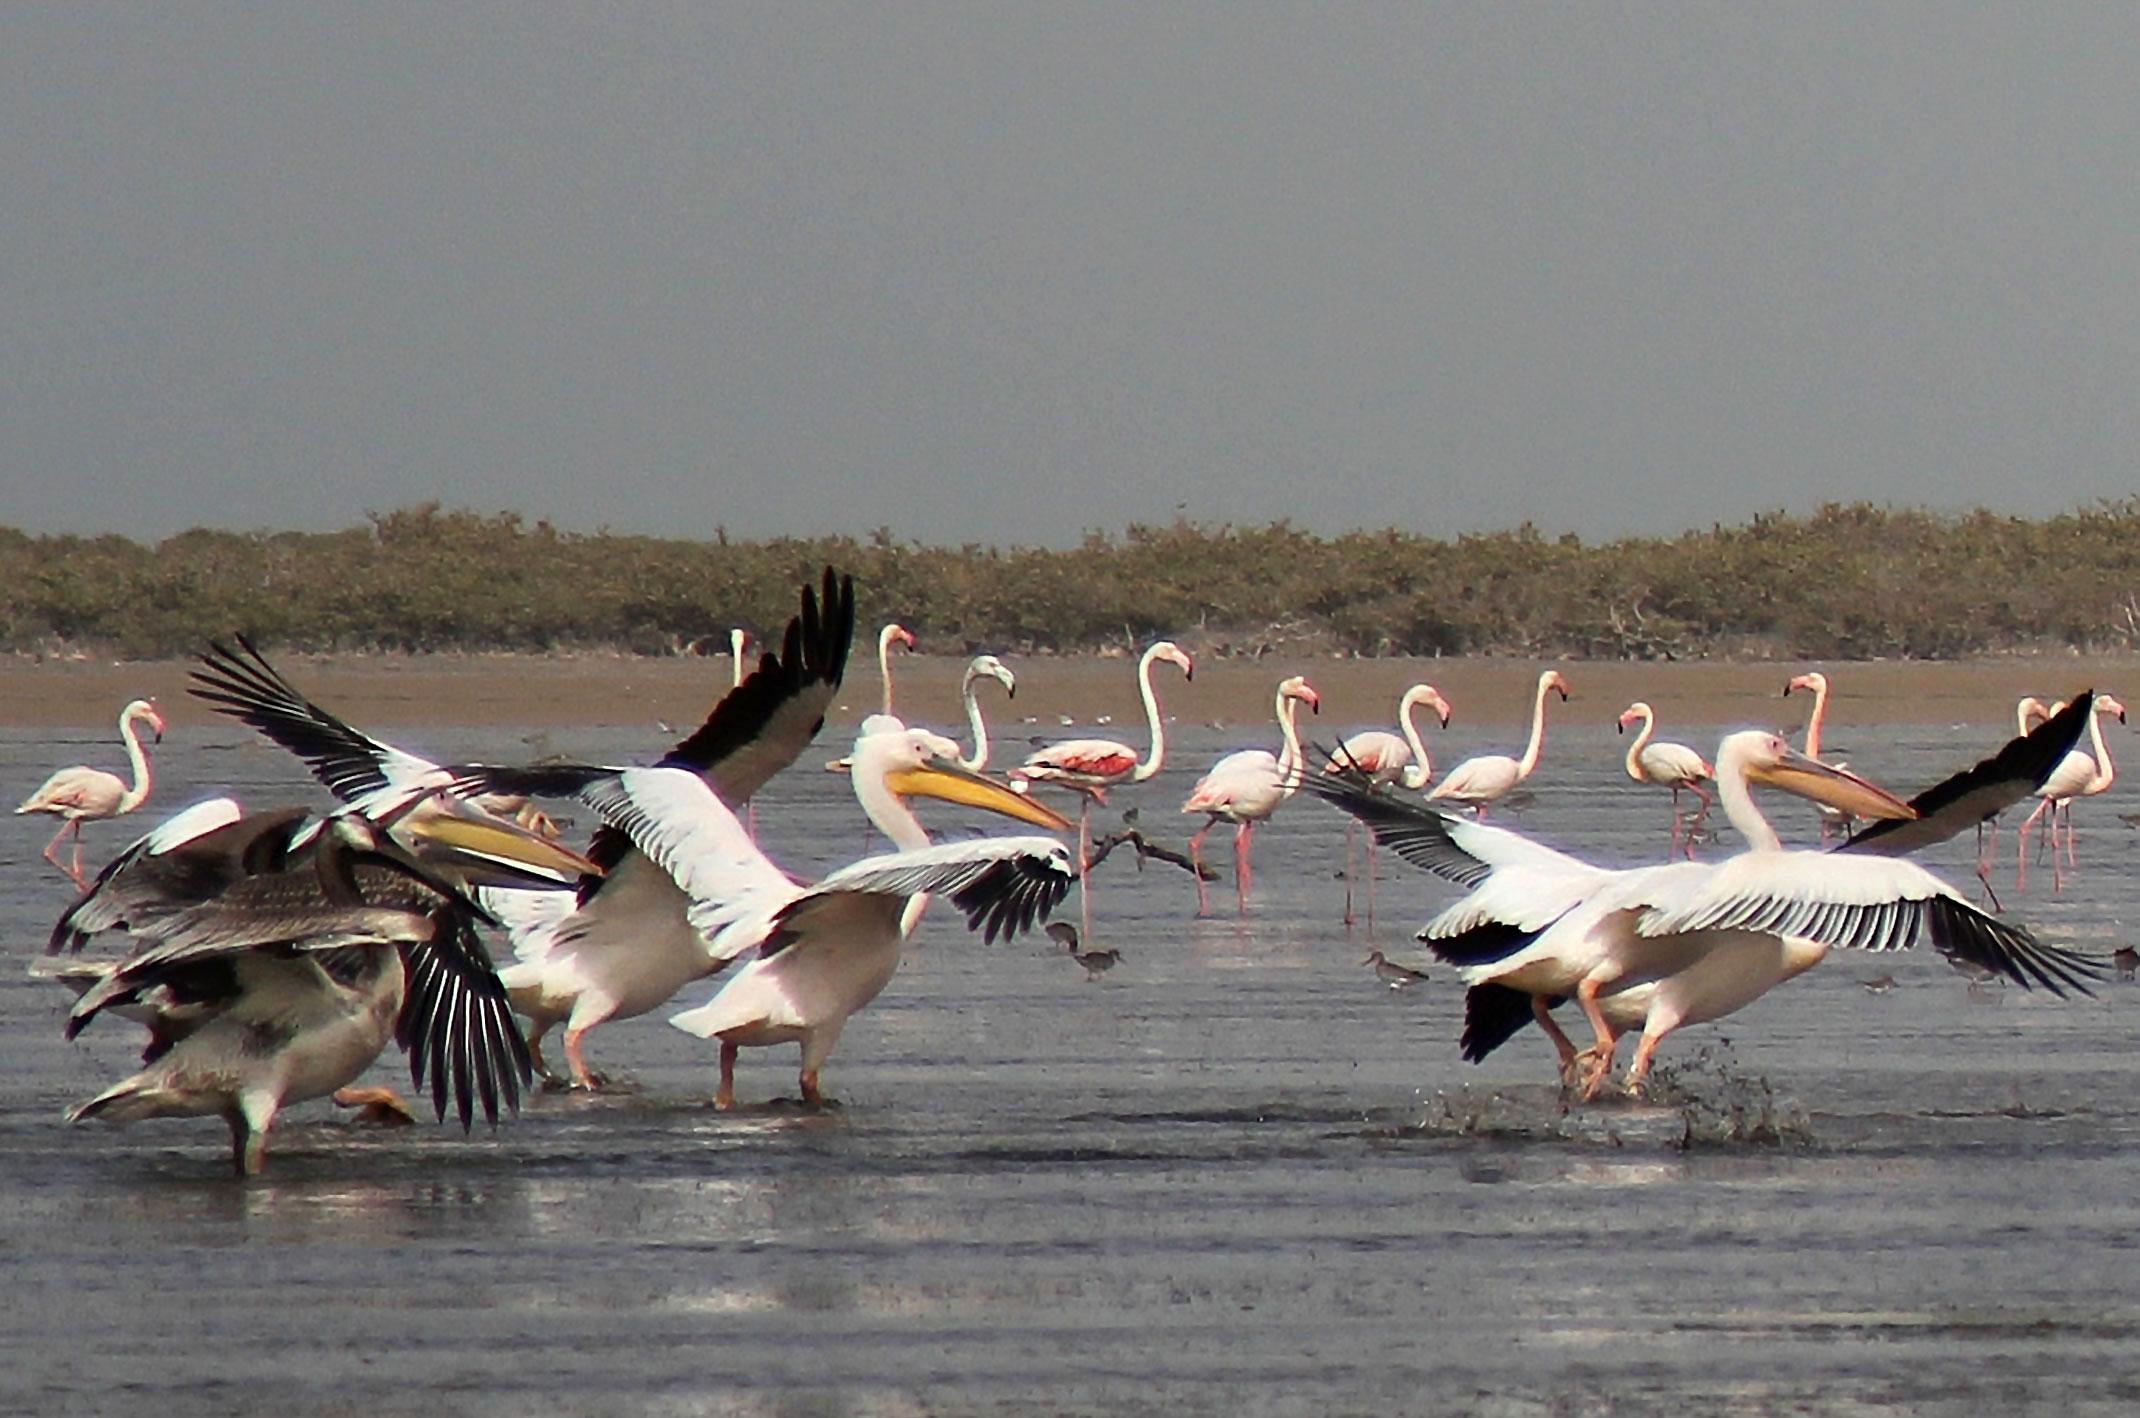 Mauretania.Park Narodowy Banc d'Arguin.Skupisko pelikanów i flamingów.